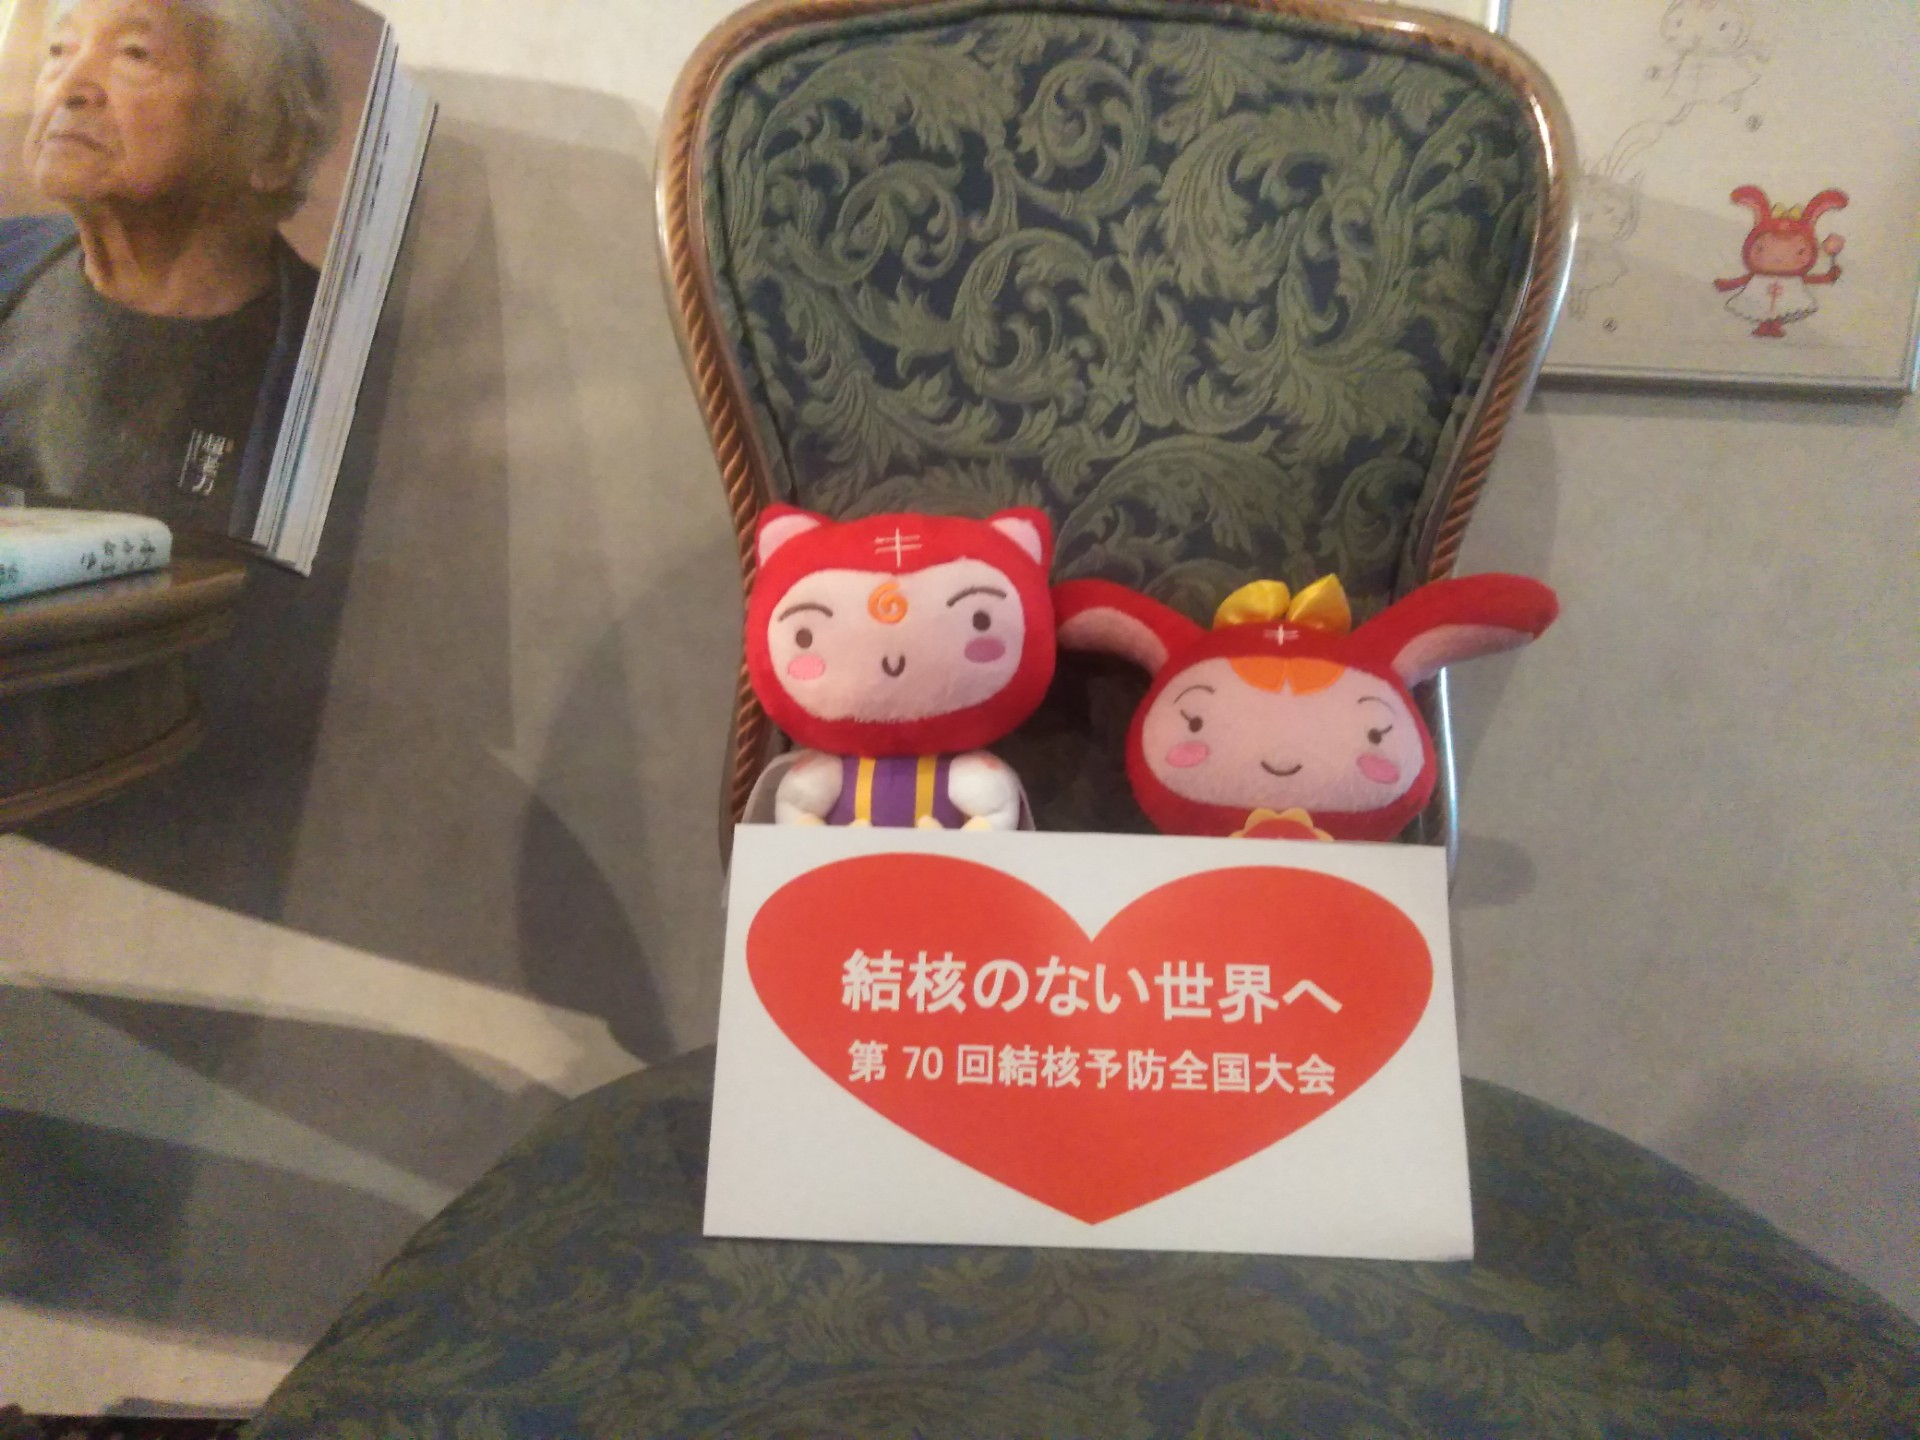 写真です。シールぼうやというキャラクター2体が、椅子の上に座っております